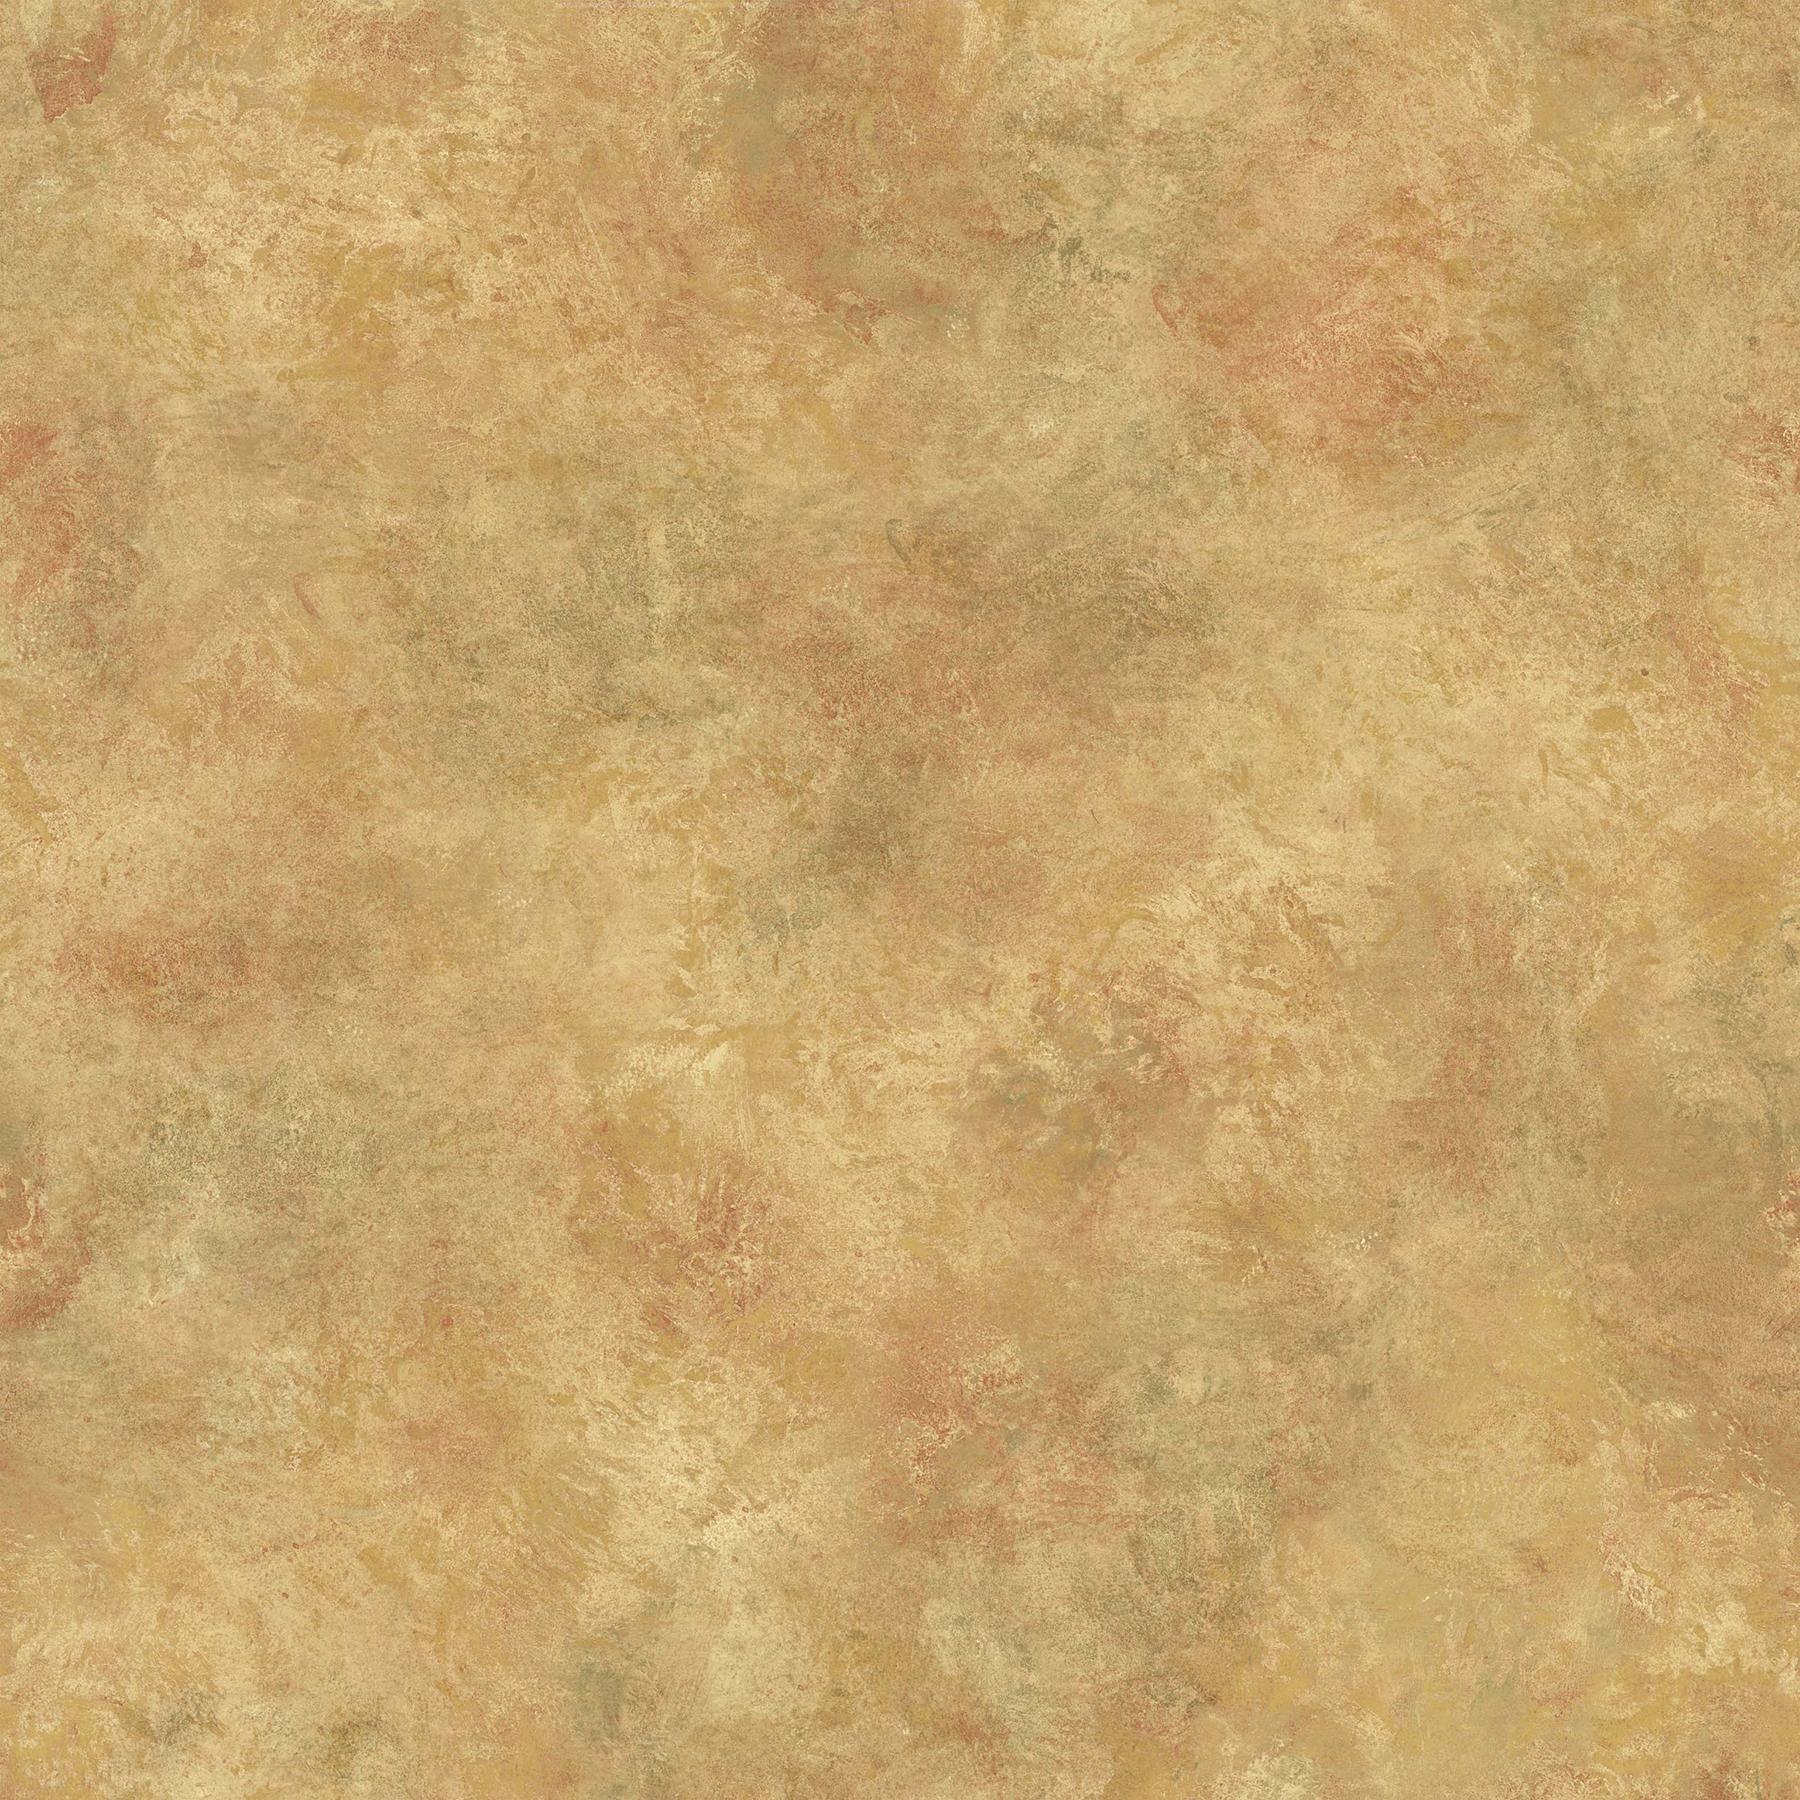 Picture of Beckett Beige Scroll Texture Wallpaper